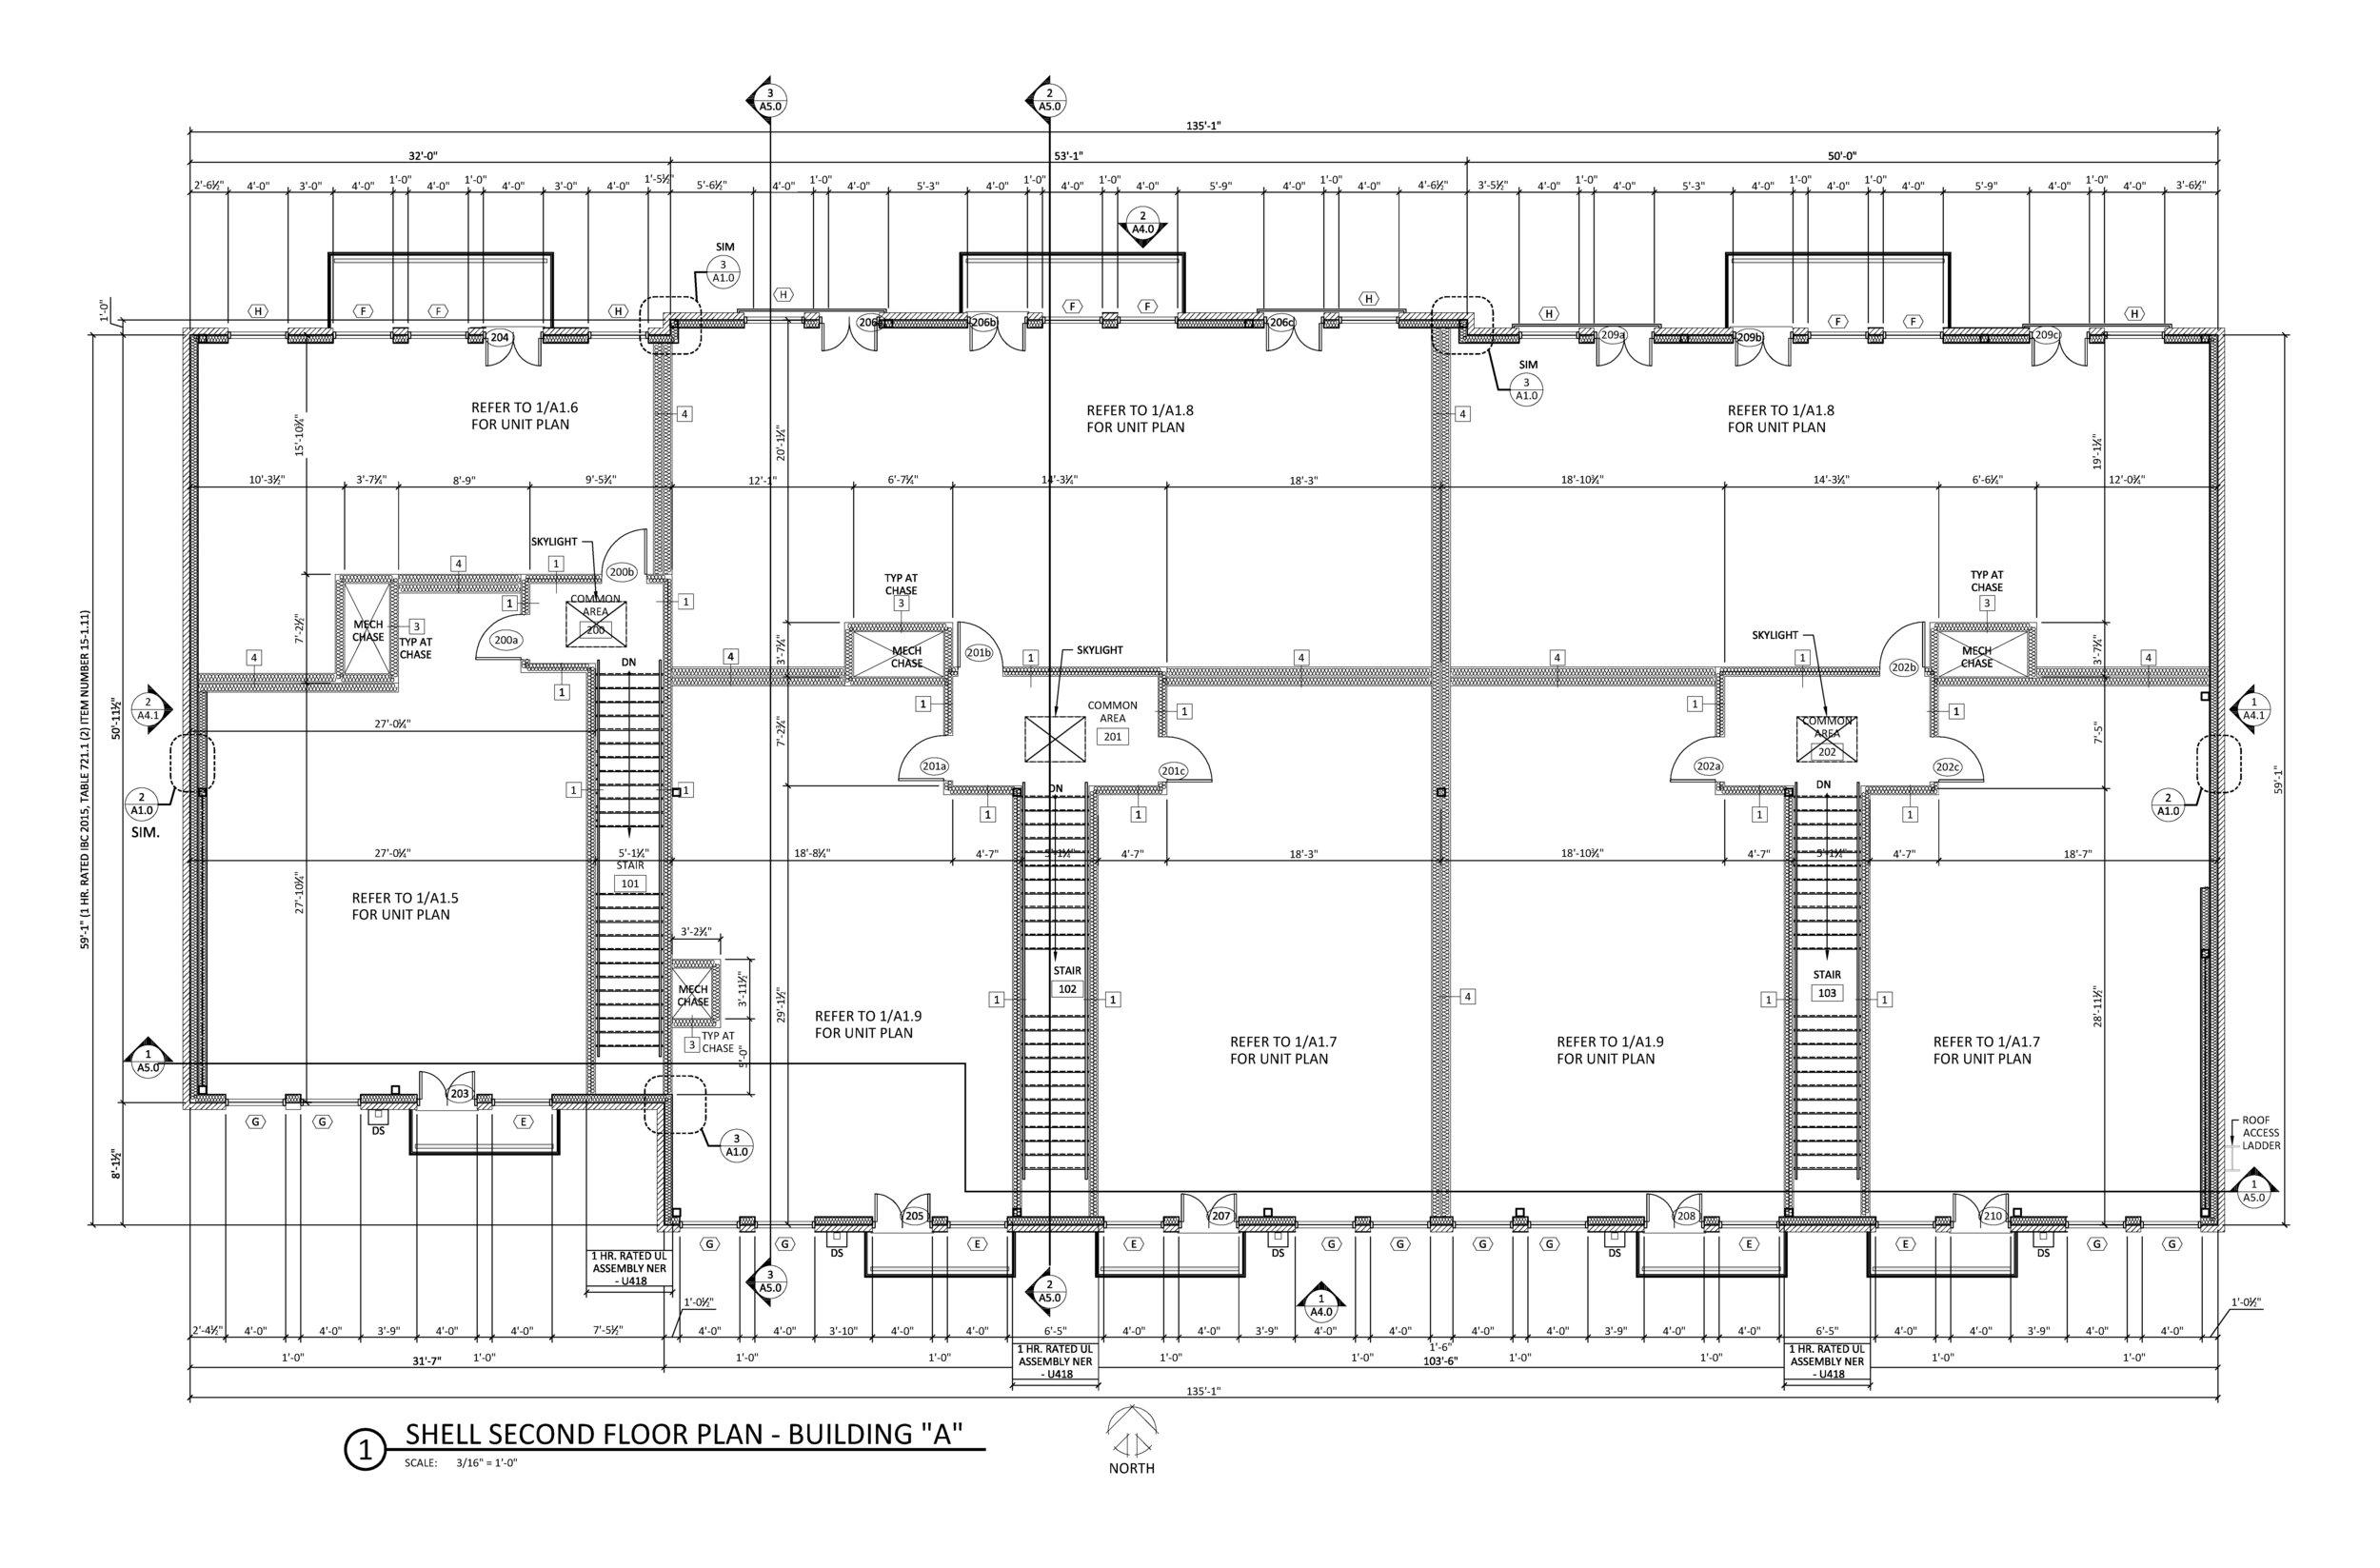 Mowery Retail_2nd Floor Plan.jpg